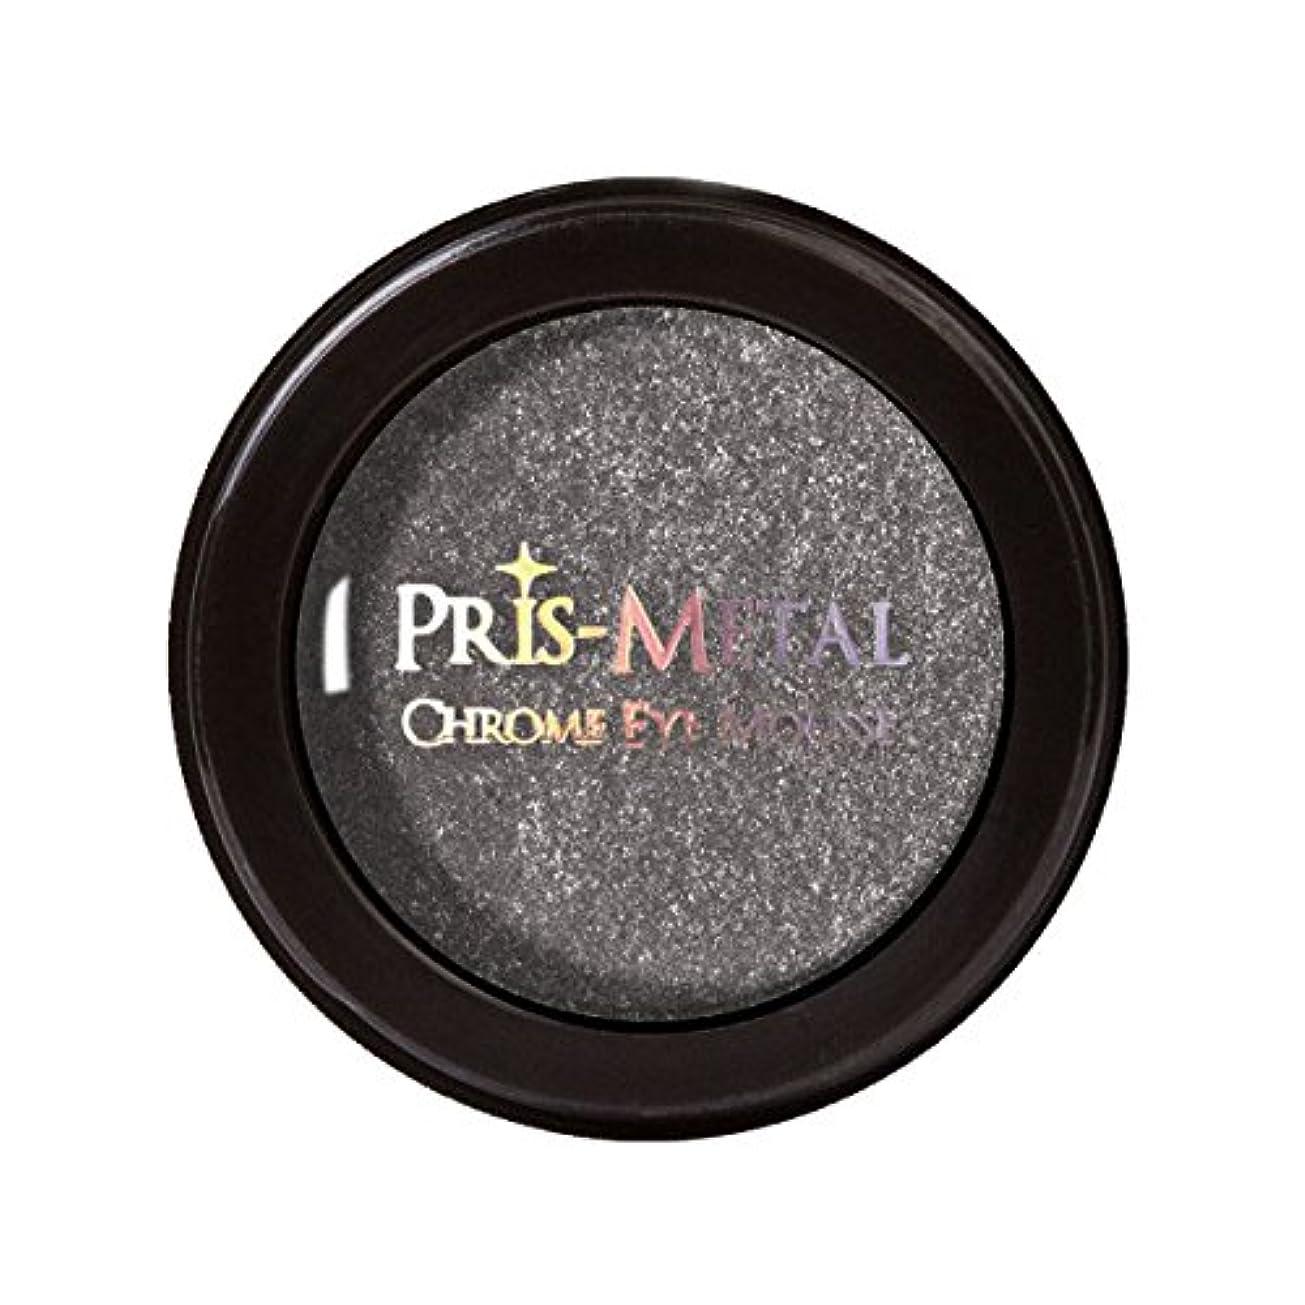 マーキング主人体系的に(3 Pack) J. CAT BEAUTY Pris-Metal Chrome Eye Mousse - Gray Later (並行輸入品)